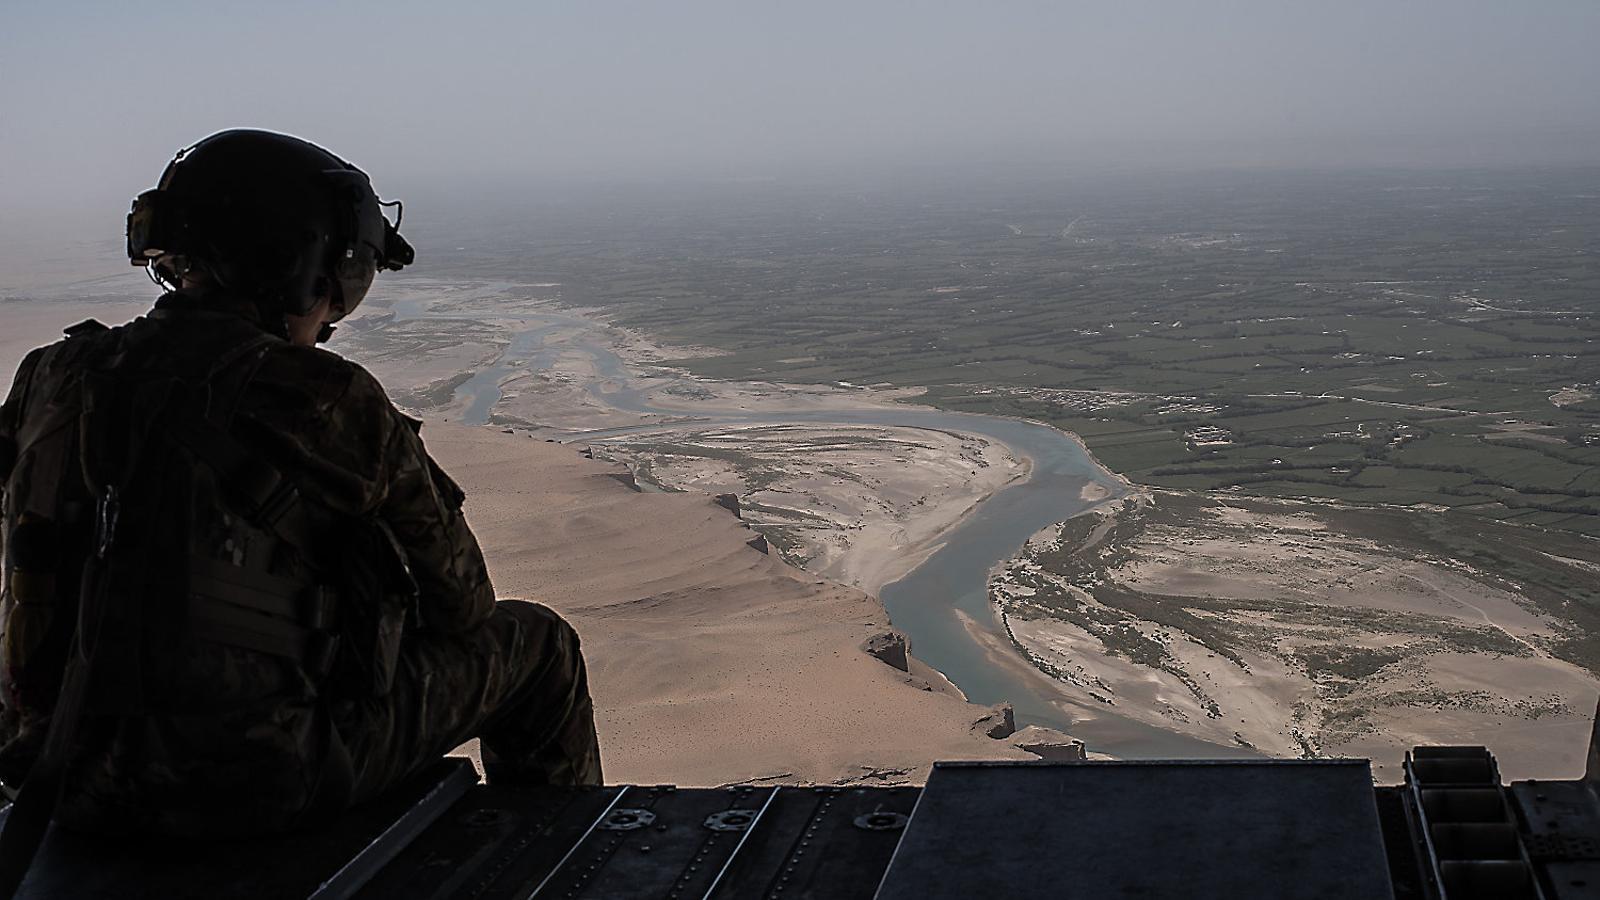 Els EUA i els talibans arriben a un principi d'acord a l'Afganistan